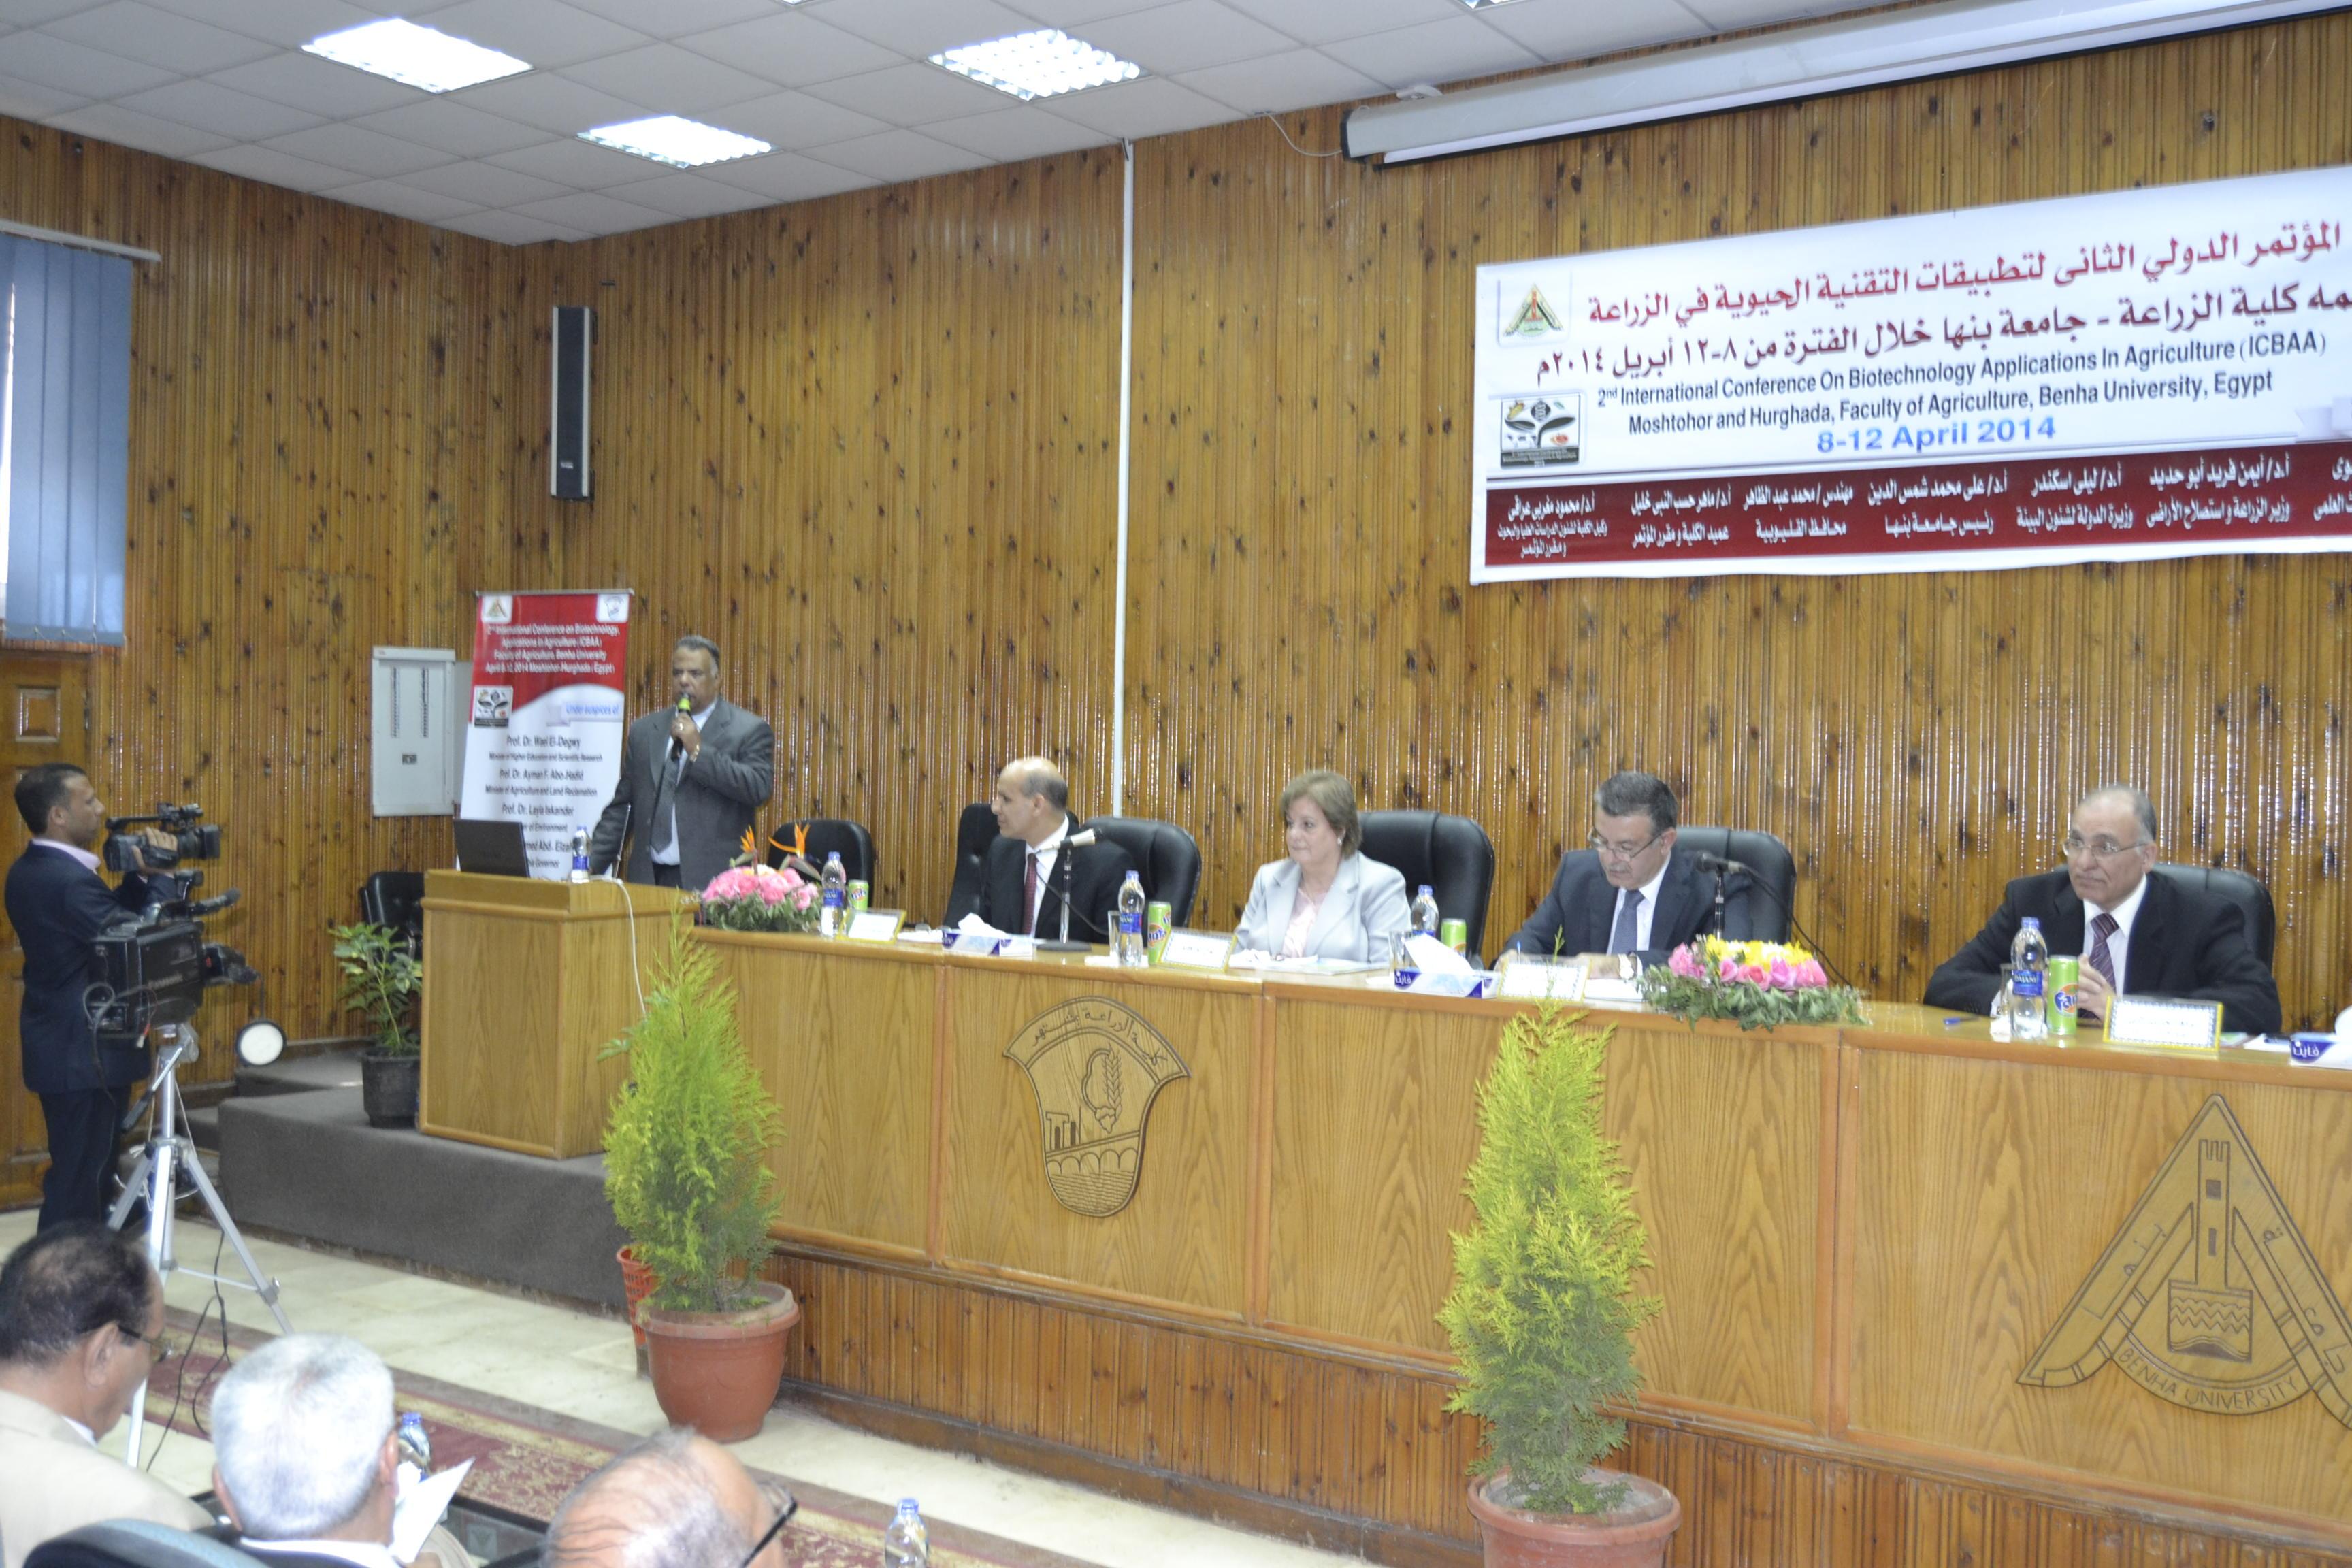 بدأ فعاليات المؤتمر الدولى الثانى لتطبيقات التقنية الحيوية